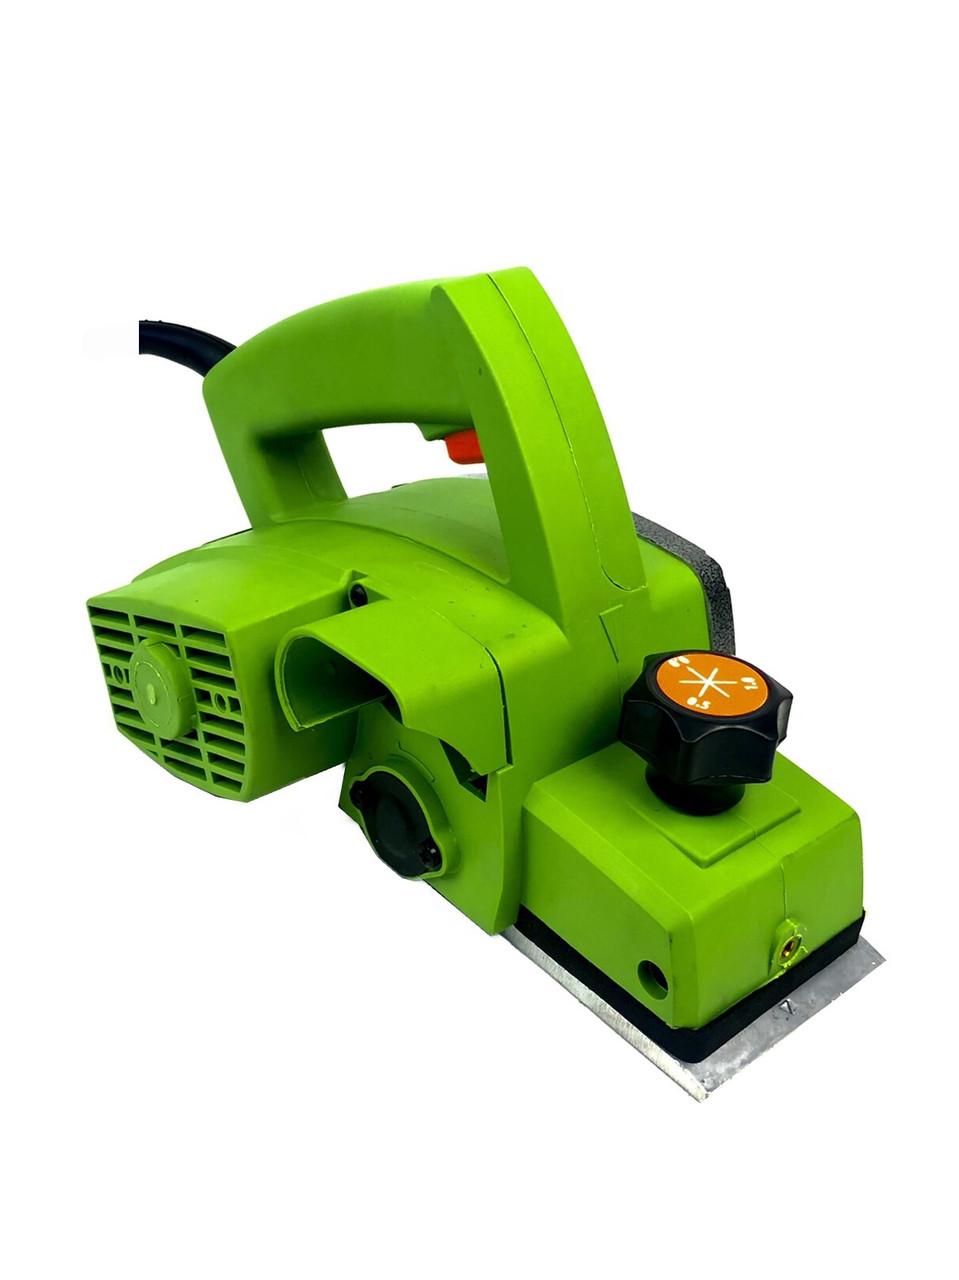 Електрорубанок ProCraft PE1150